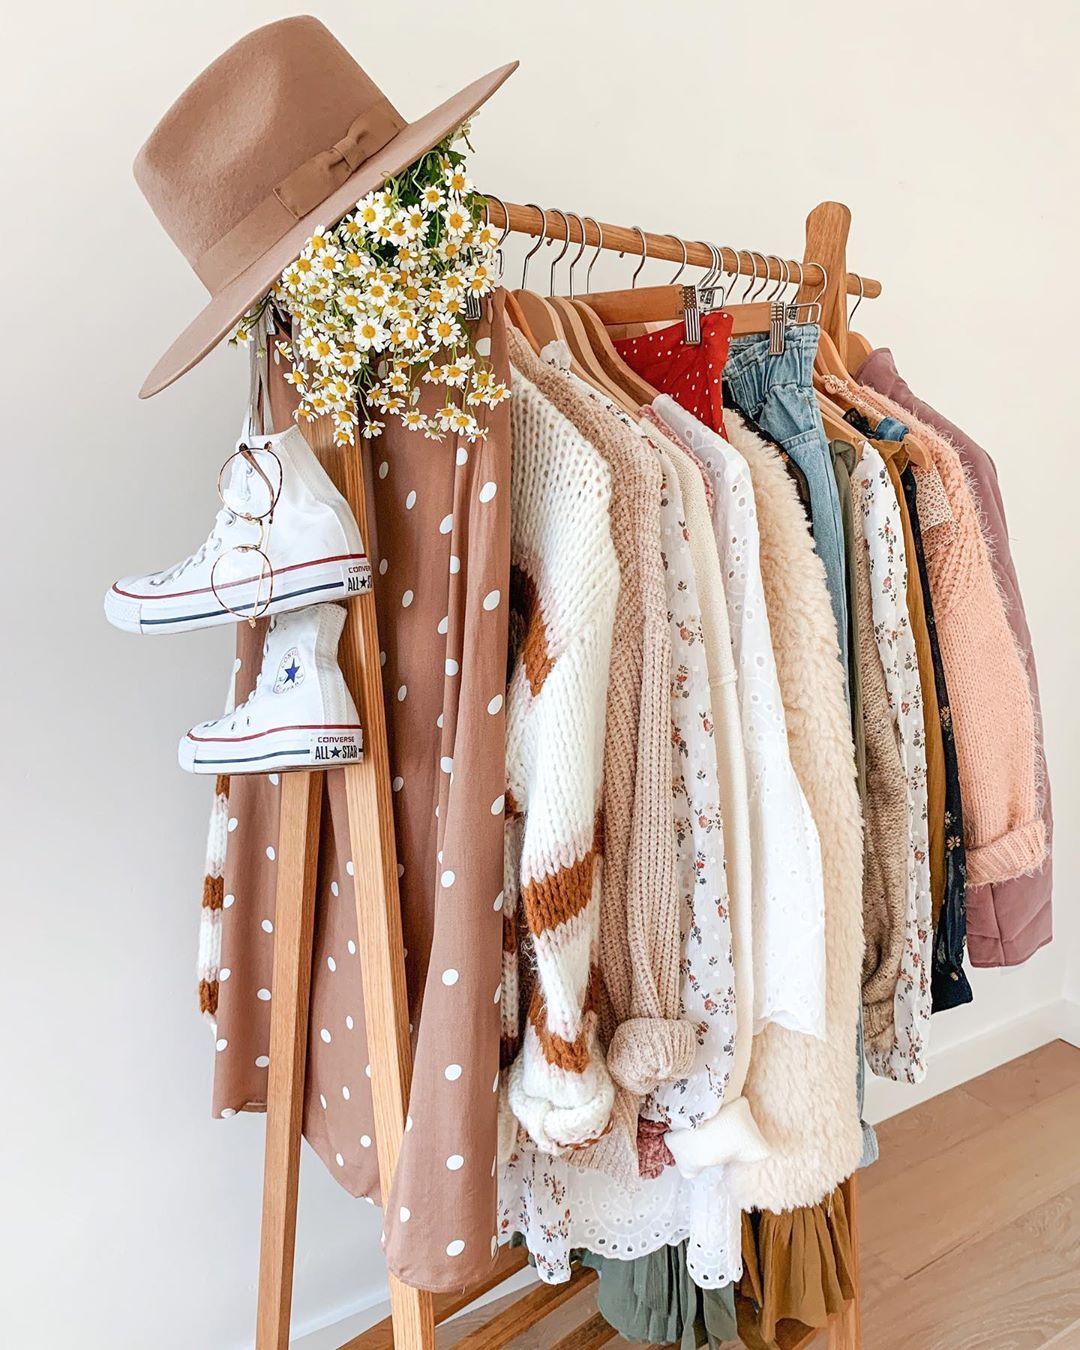 Bí quyết mua sắm hiệu quả mùa Tết